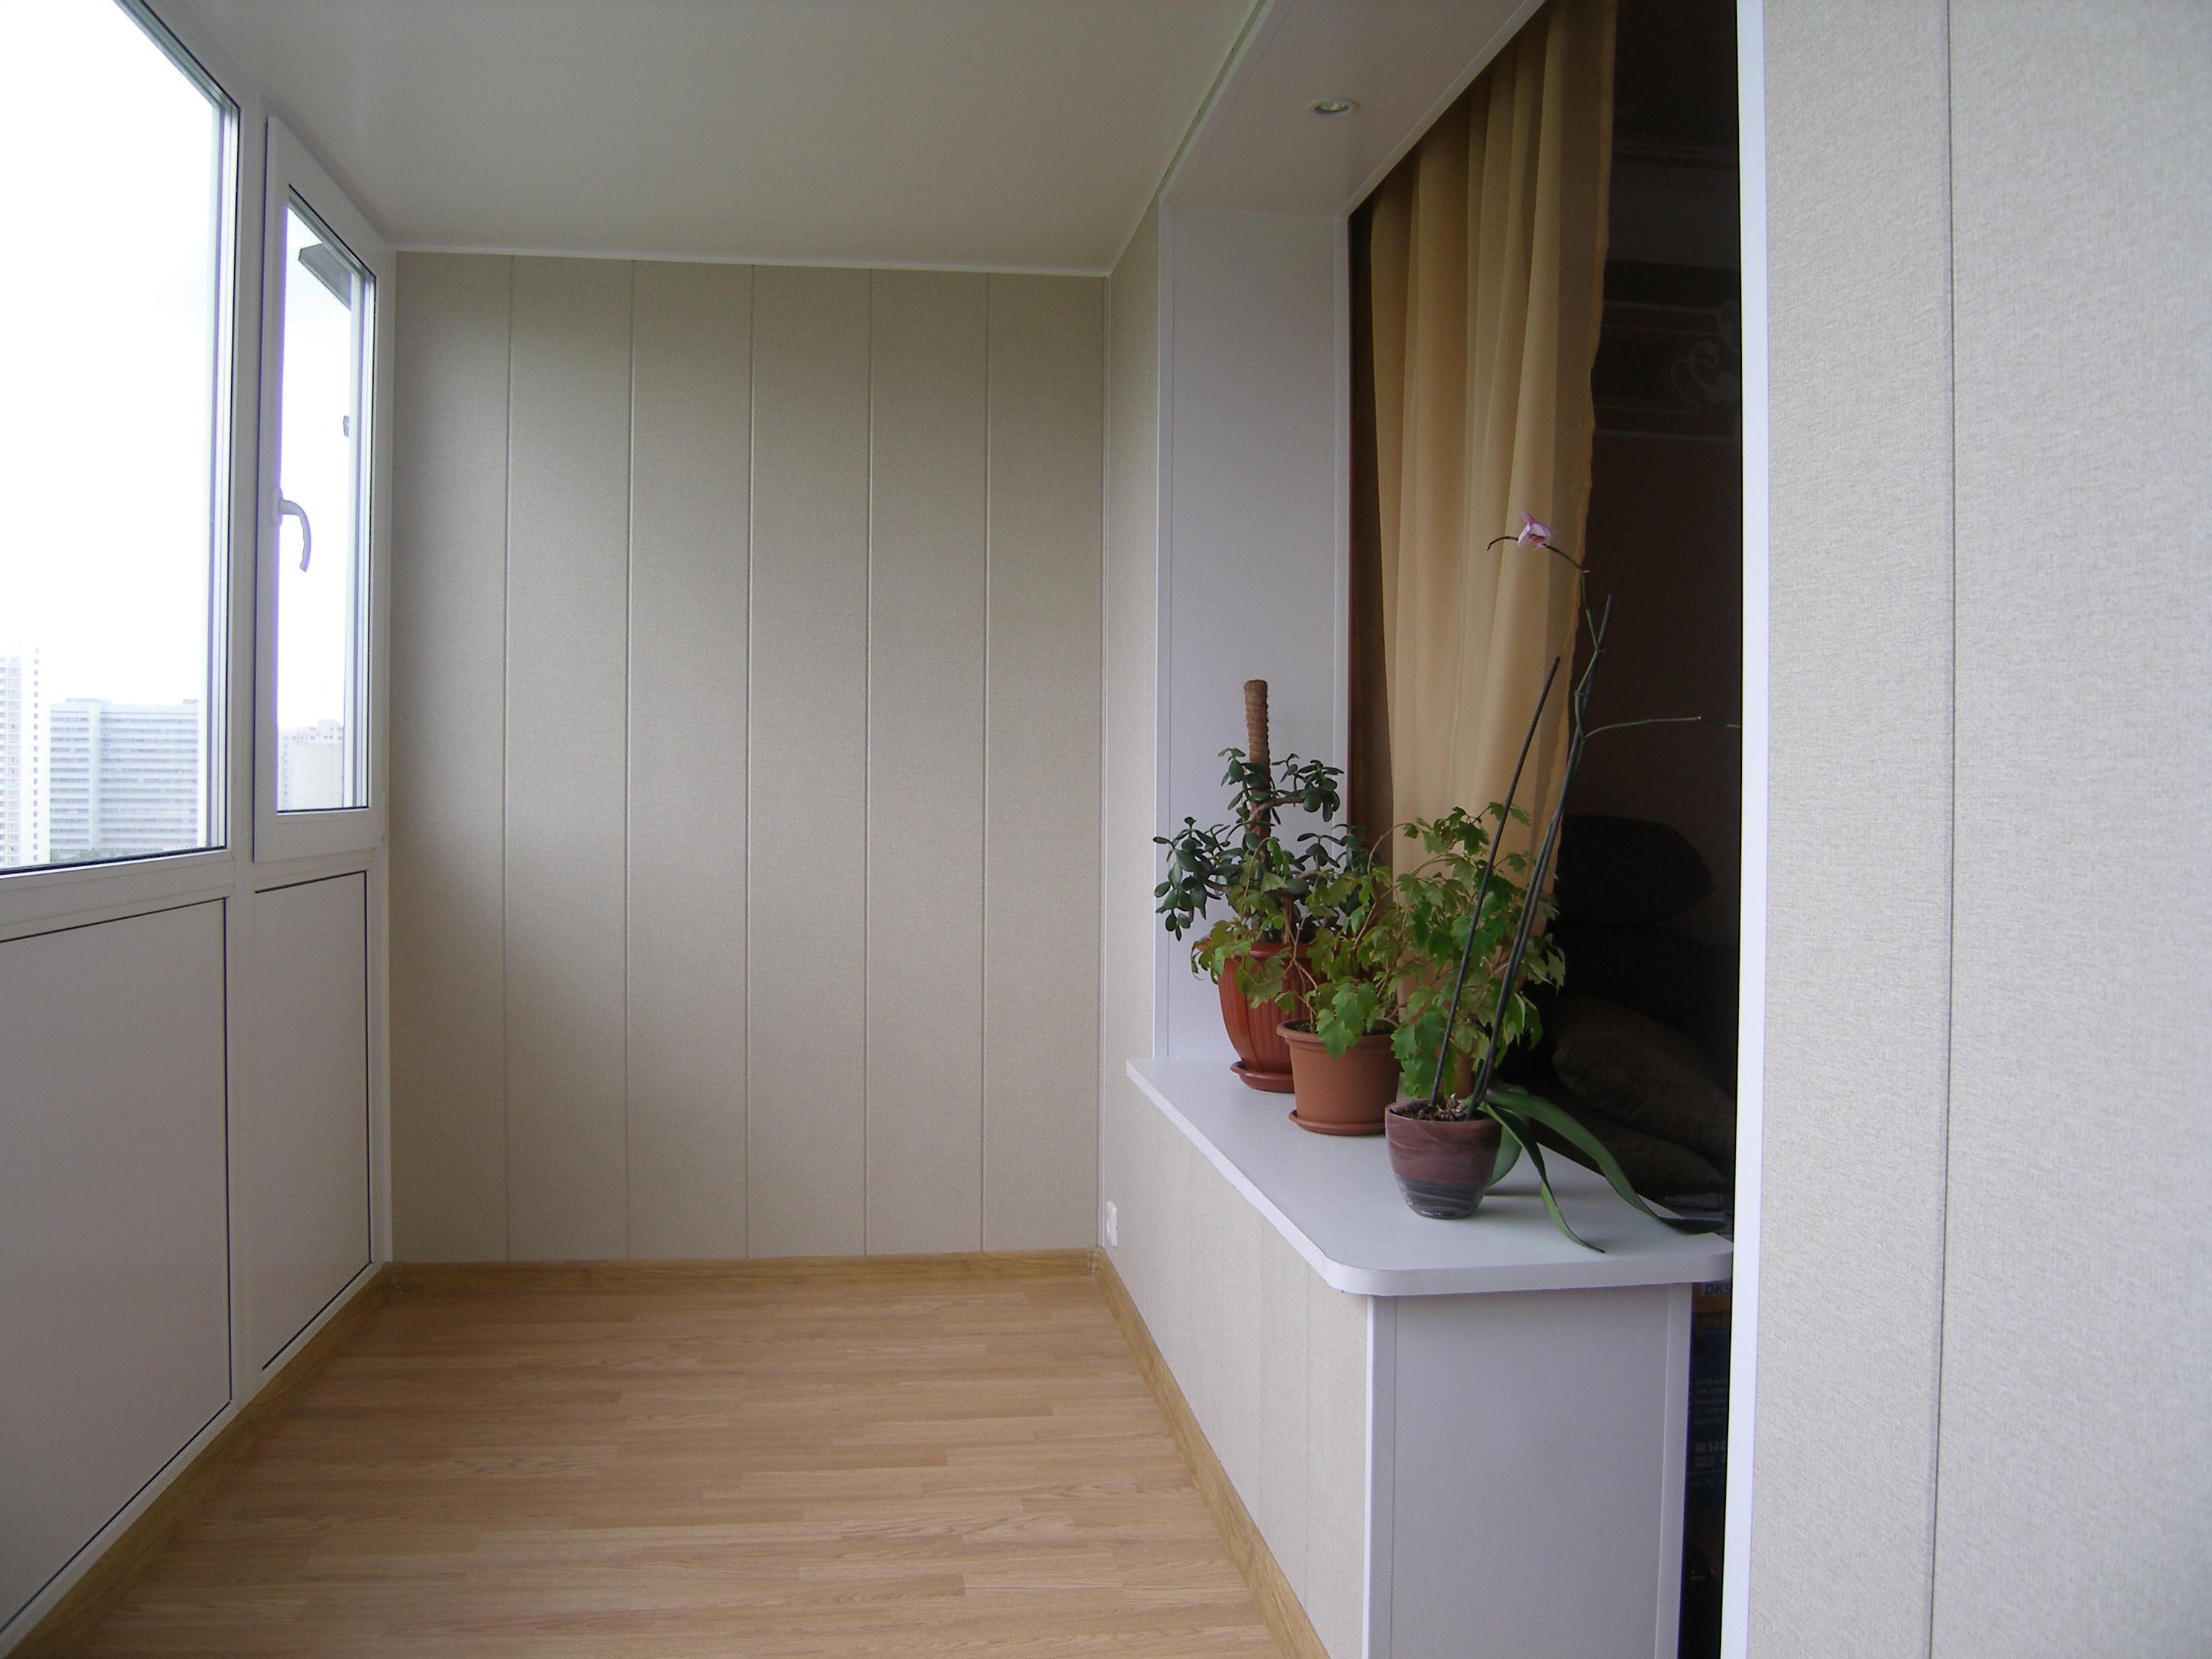 Изготовление деревянных и пластиковых окон, остекление лоджи.